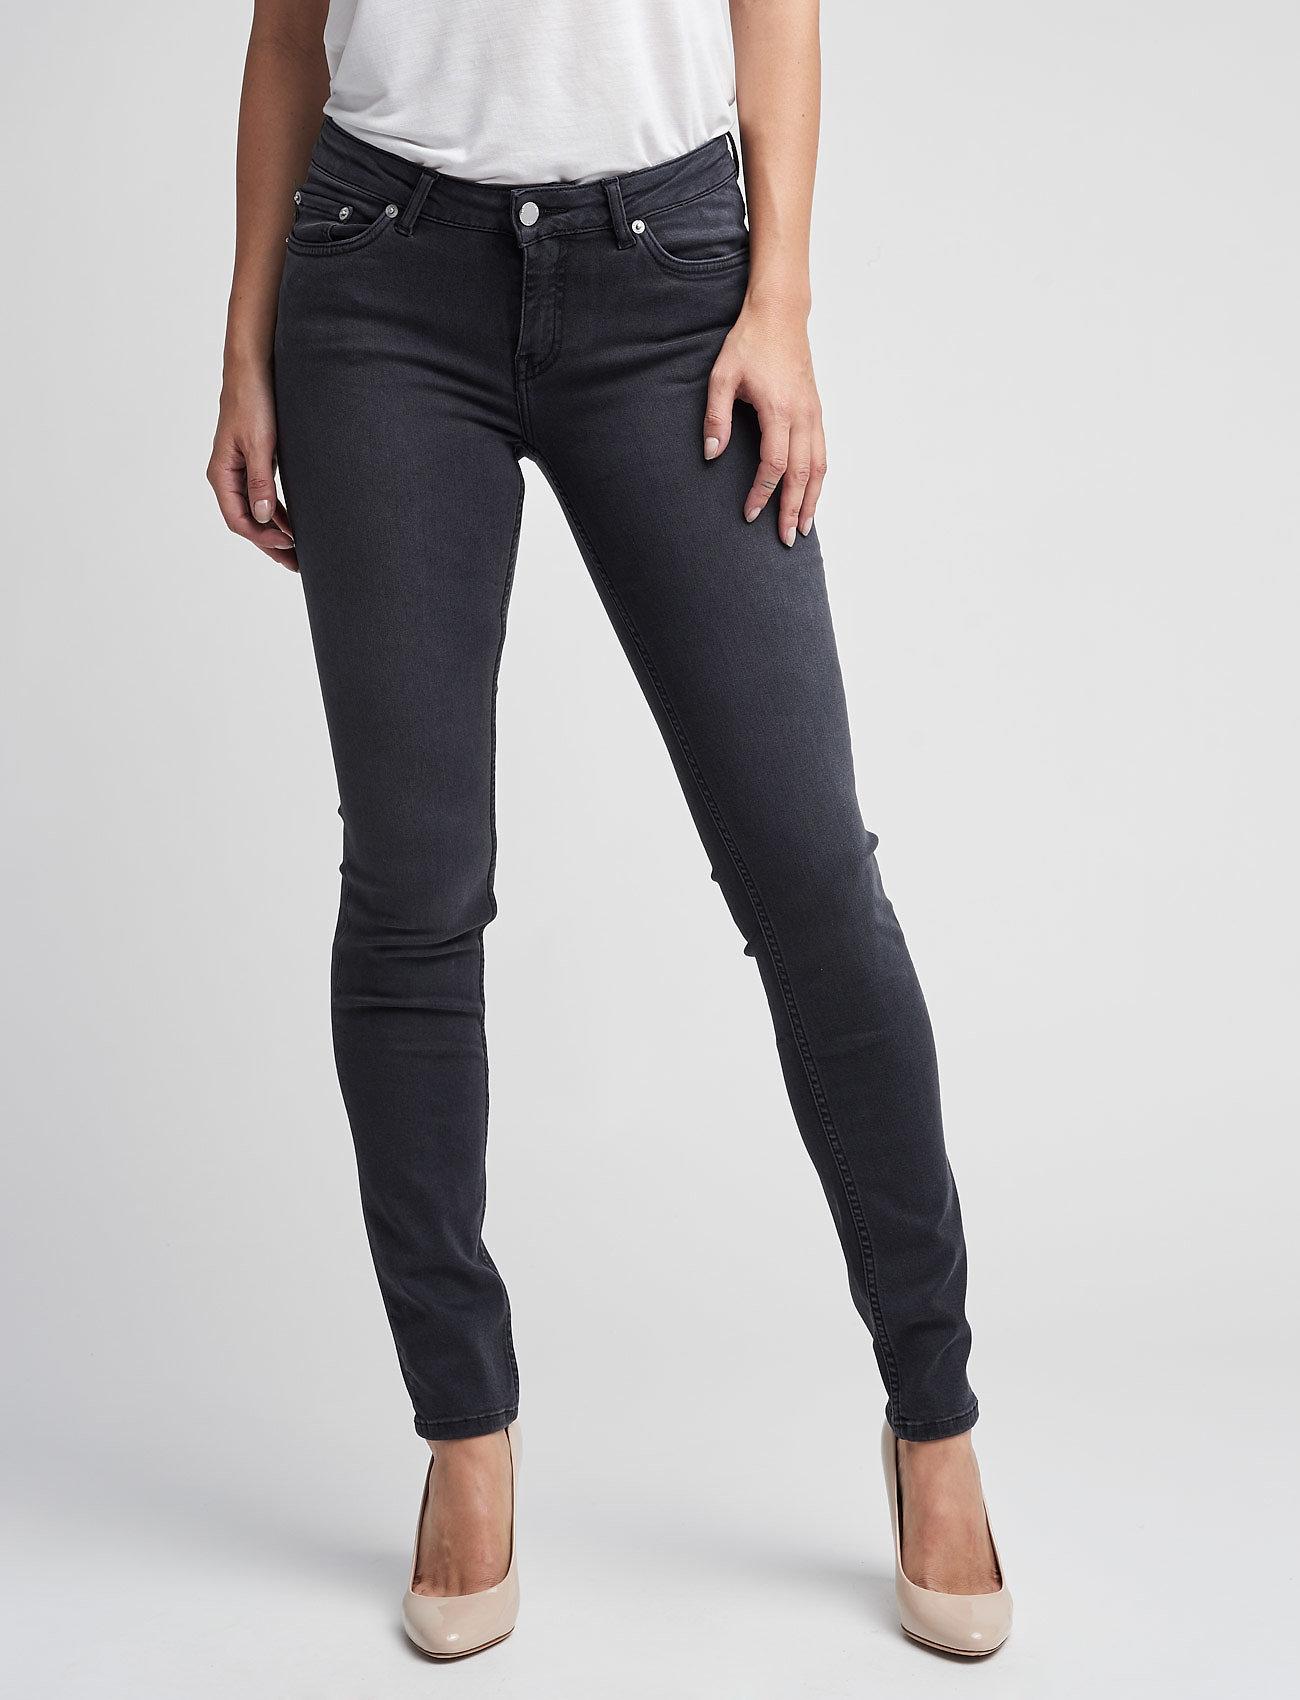 26grace BlackBlk 26grace Jeans 26grace Jeans BlackBlk Jeans BlackBlk Dnm Dnm Dnm BlackBlk 26grace Jeans ZkiuPX